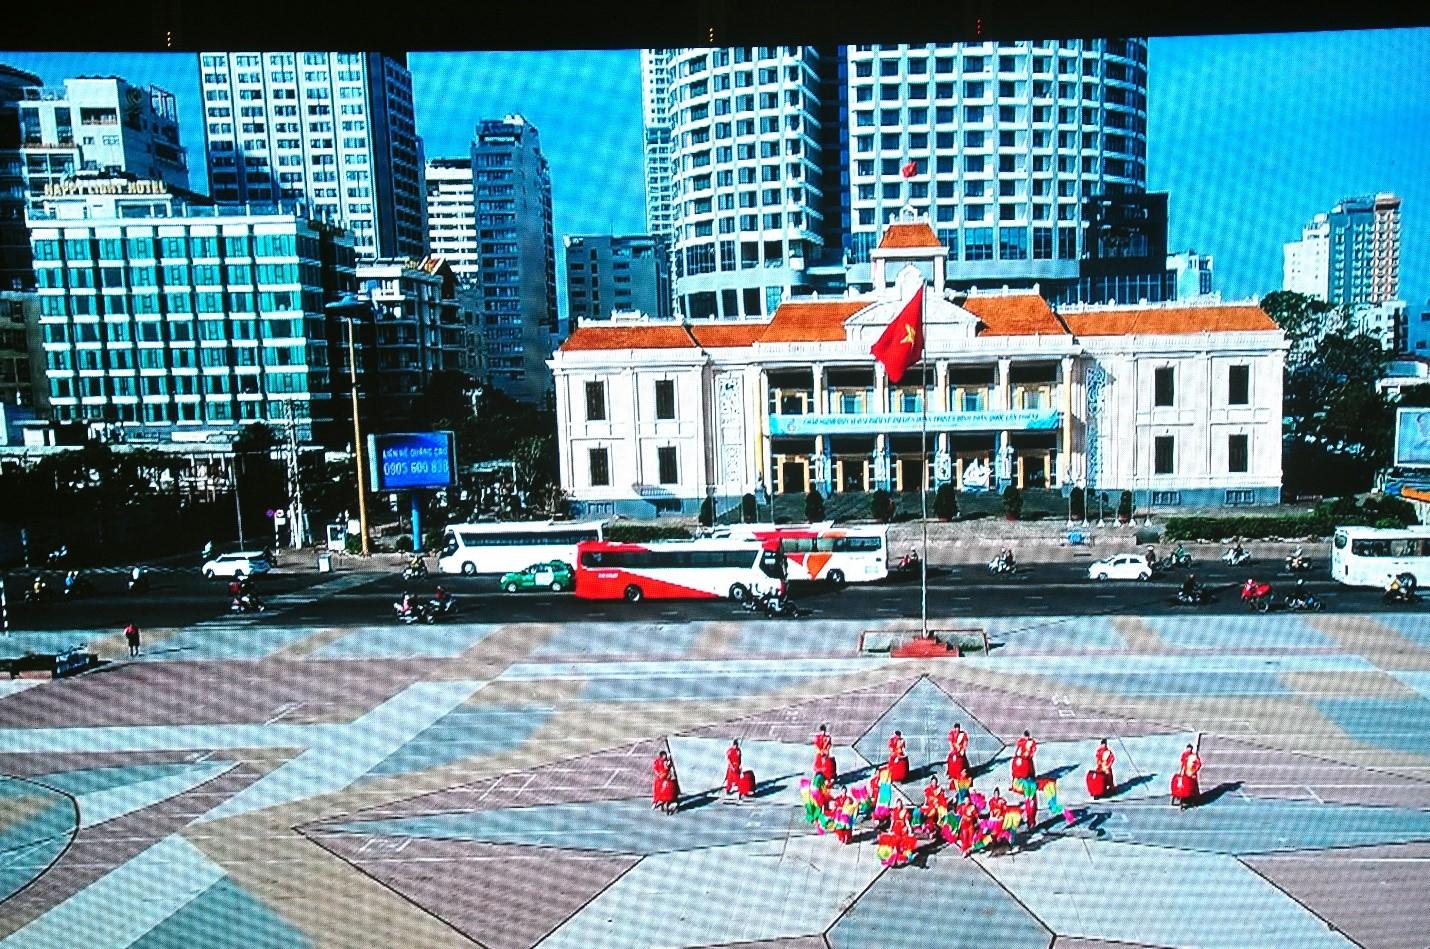 Trung Tâm Hội Nghị 46 Trần Phú Nha Trang, nơi diễn ra Liên Hoan Truyền Hình  (ảnh cắt clip Phóng sự giới thiệu về Liên Hoan Truyền hình)